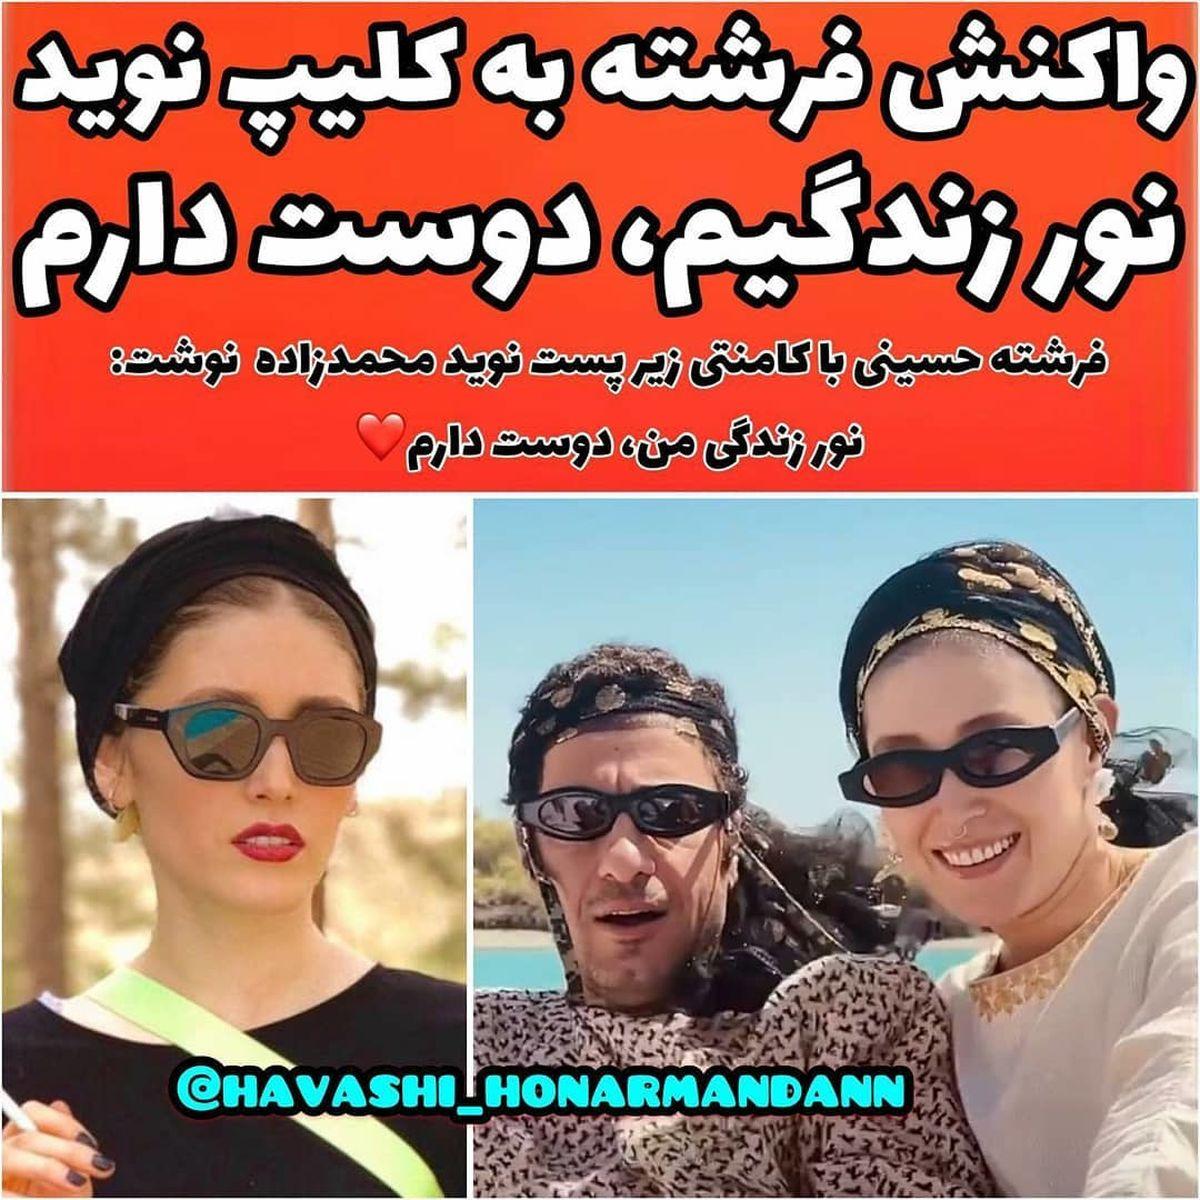 کامنت فرشته حسینی برای نوید محمدزاده/ نور زندگیه من، دوست دارم +عکس